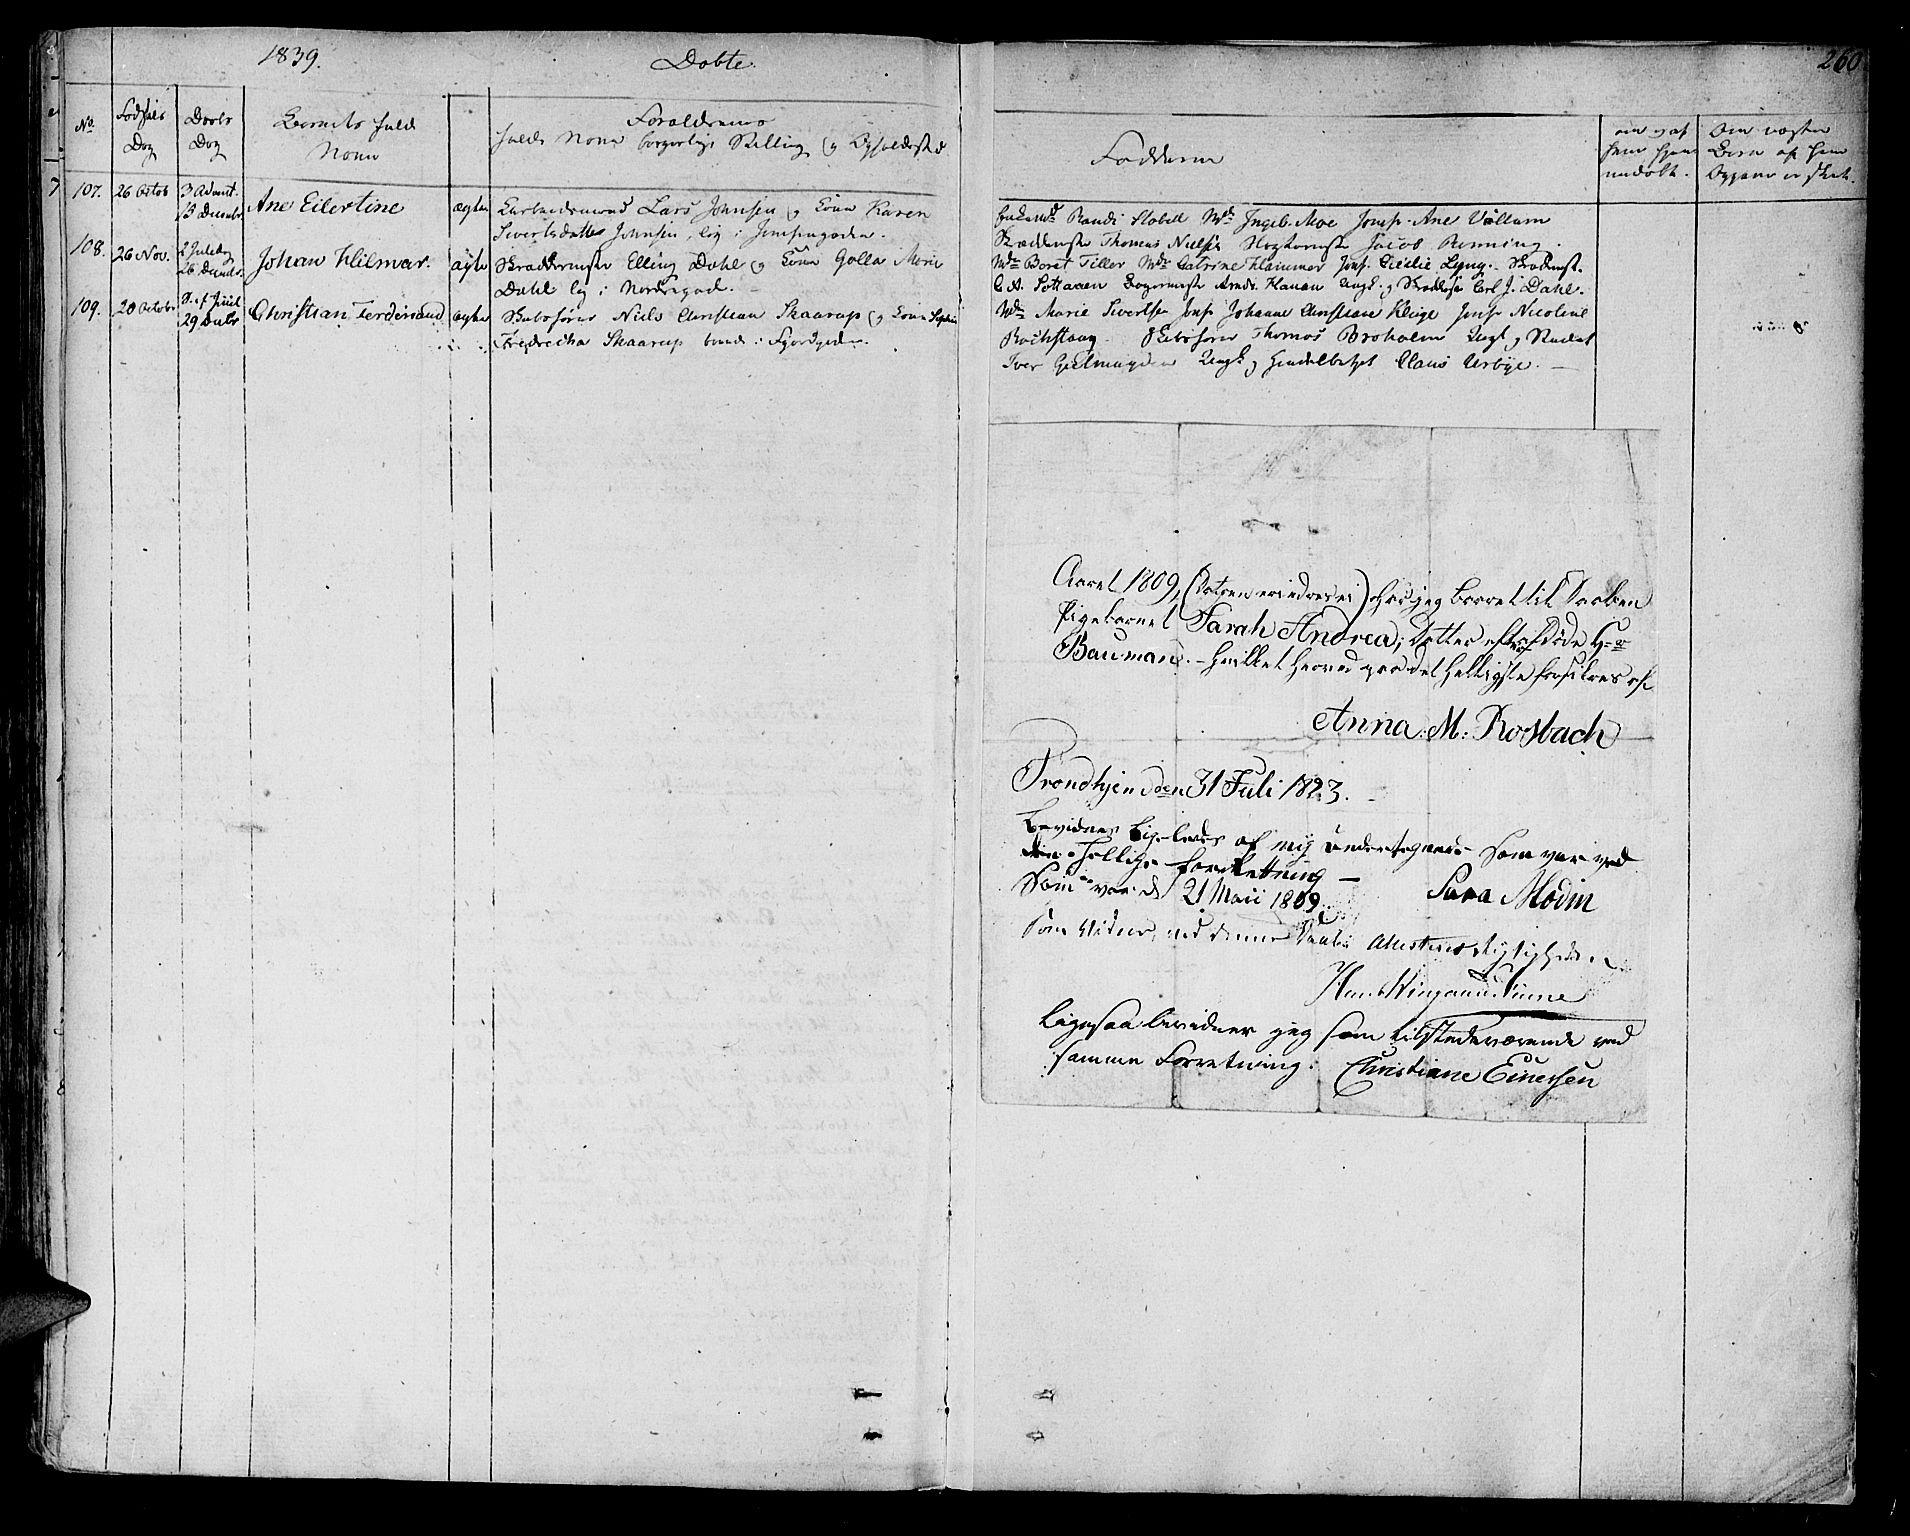 SAT, Ministerialprotokoller, klokkerbøker og fødselsregistre - Sør-Trøndelag, 602/L0108: Ministerialbok nr. 602A06, 1821-1839, s. 260